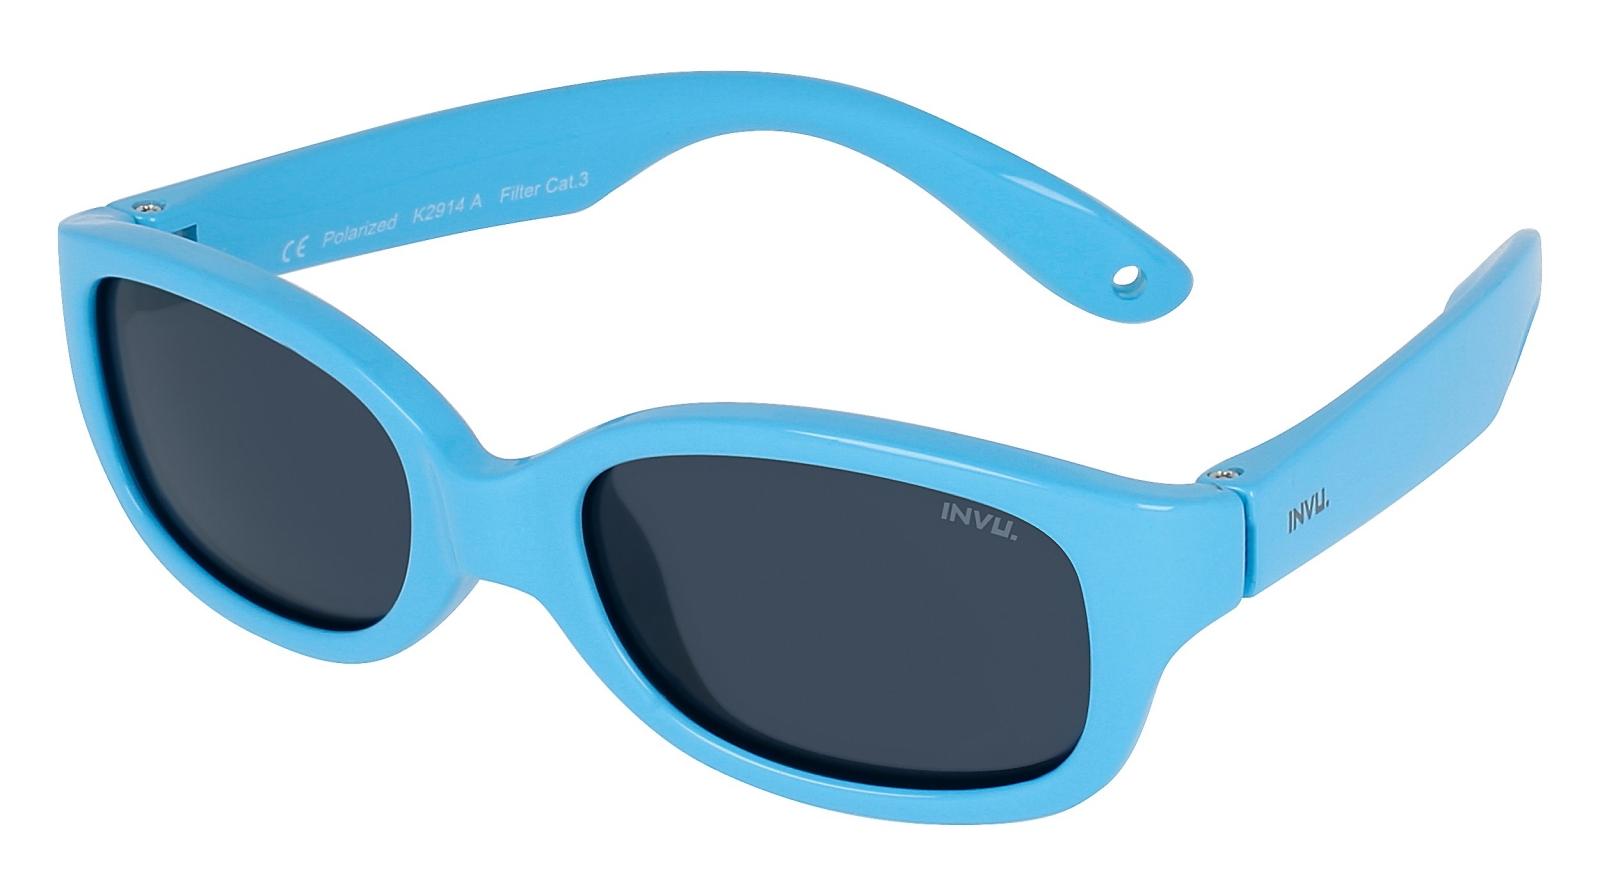 INVU. Kids K2914A - Slnečné okuliare pre deti 1-3 r.